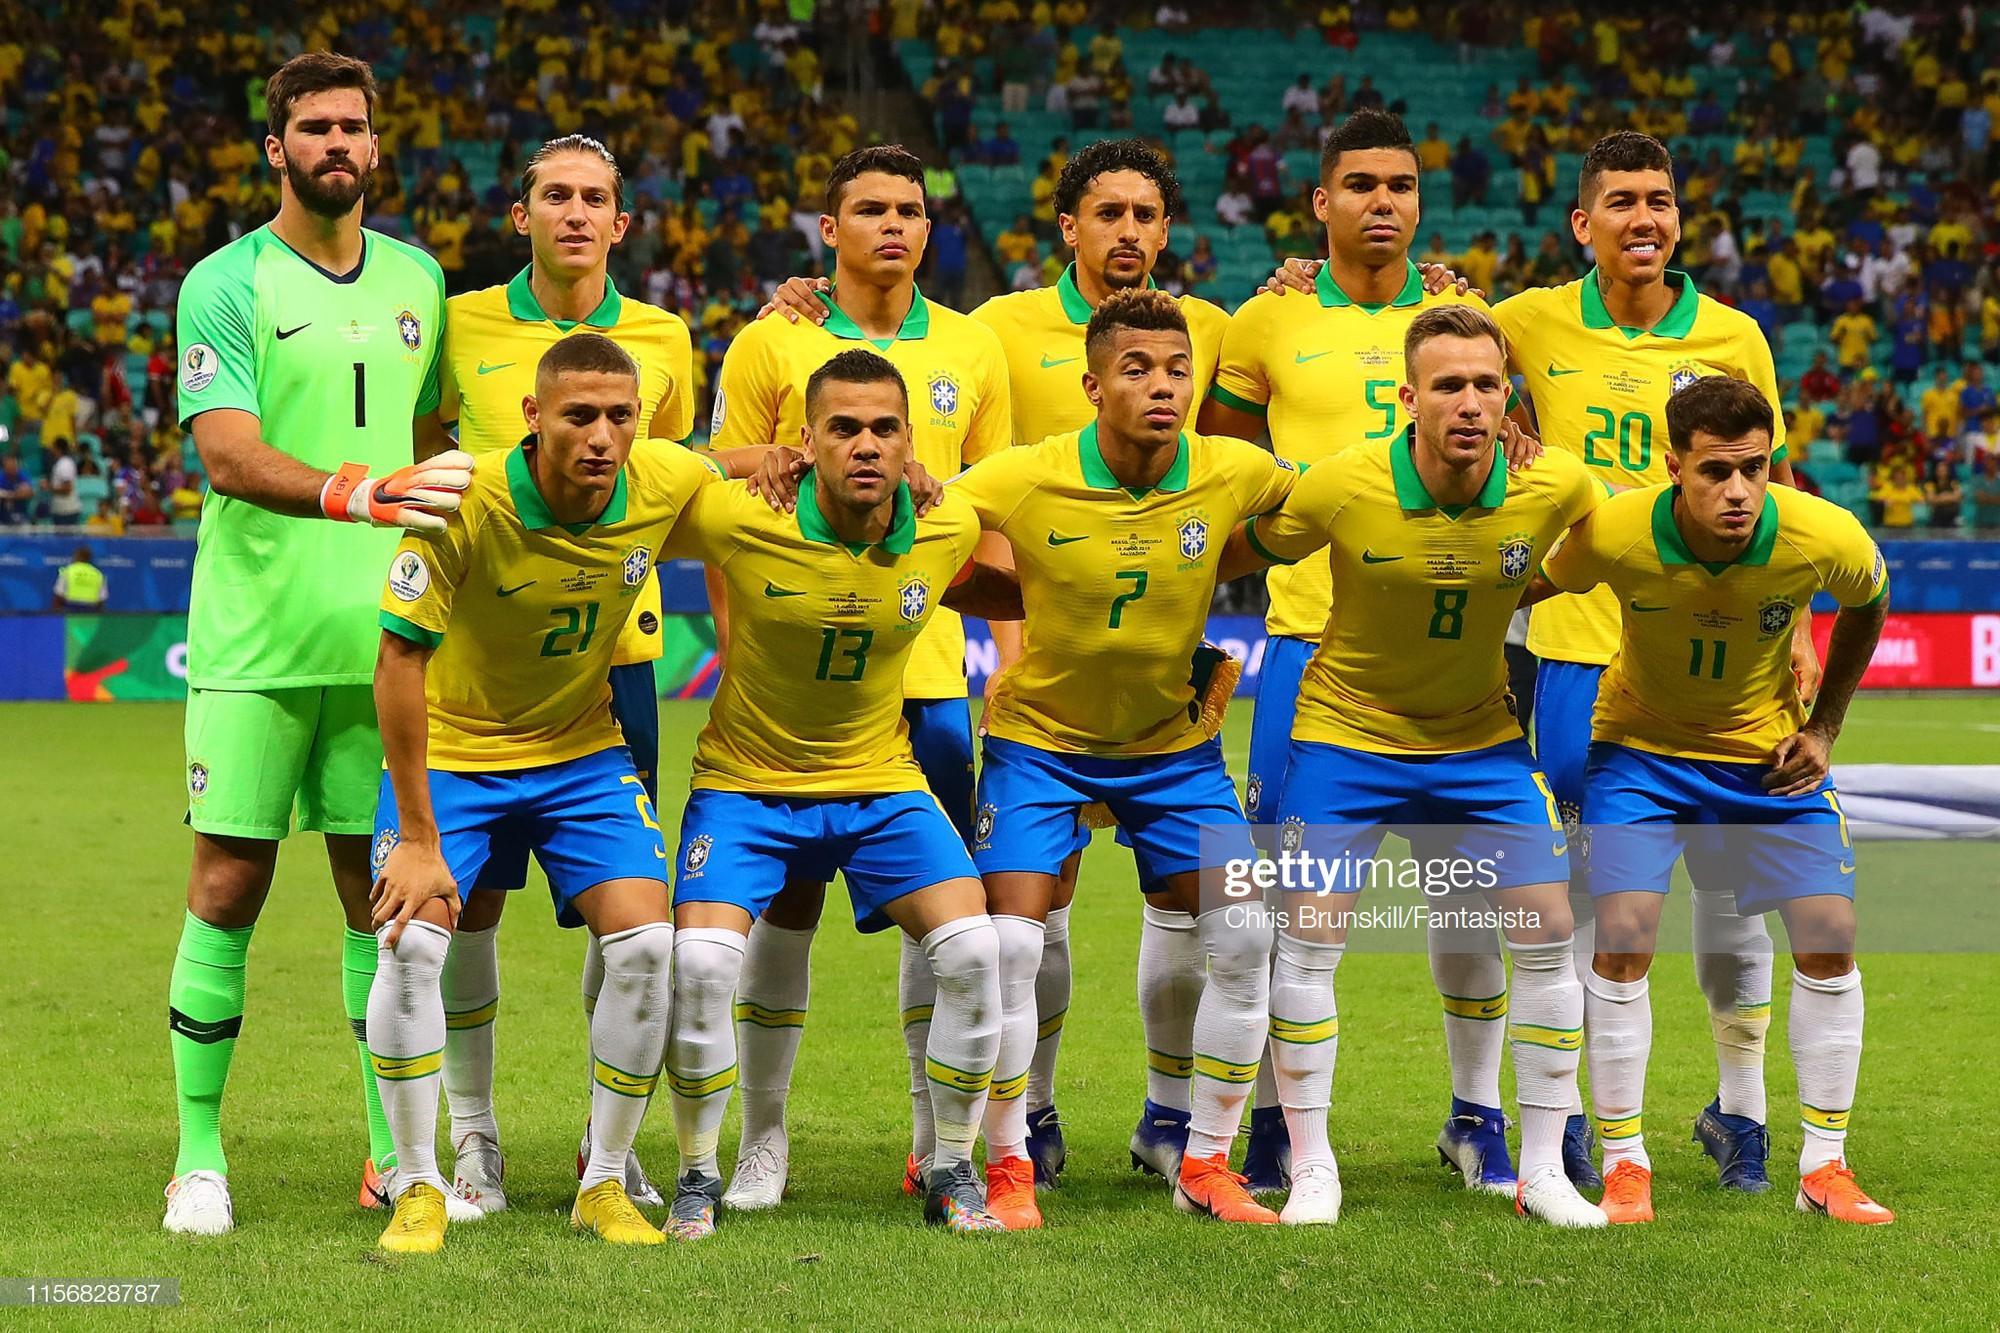 Có đội bóng nào đen đủi hơn tuyển Brazil hôm nay: 3 lần ăn mừng hụt để rồi rời sân trong nỗi thất vọng - Ảnh 2.